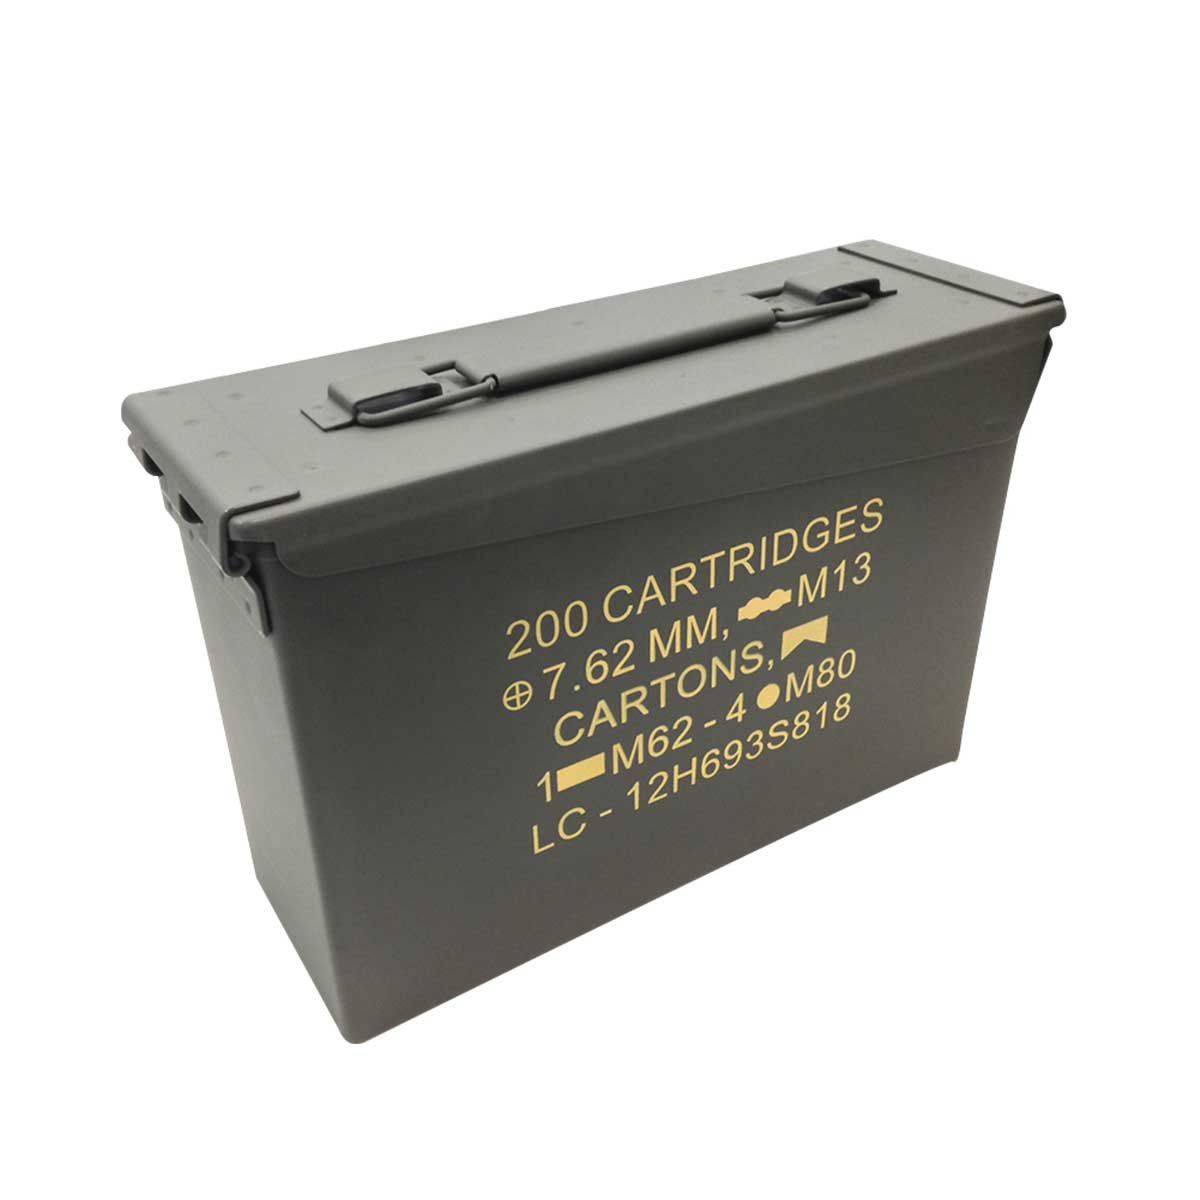 Caixa para Municao Nautika Tatico Ammo Box